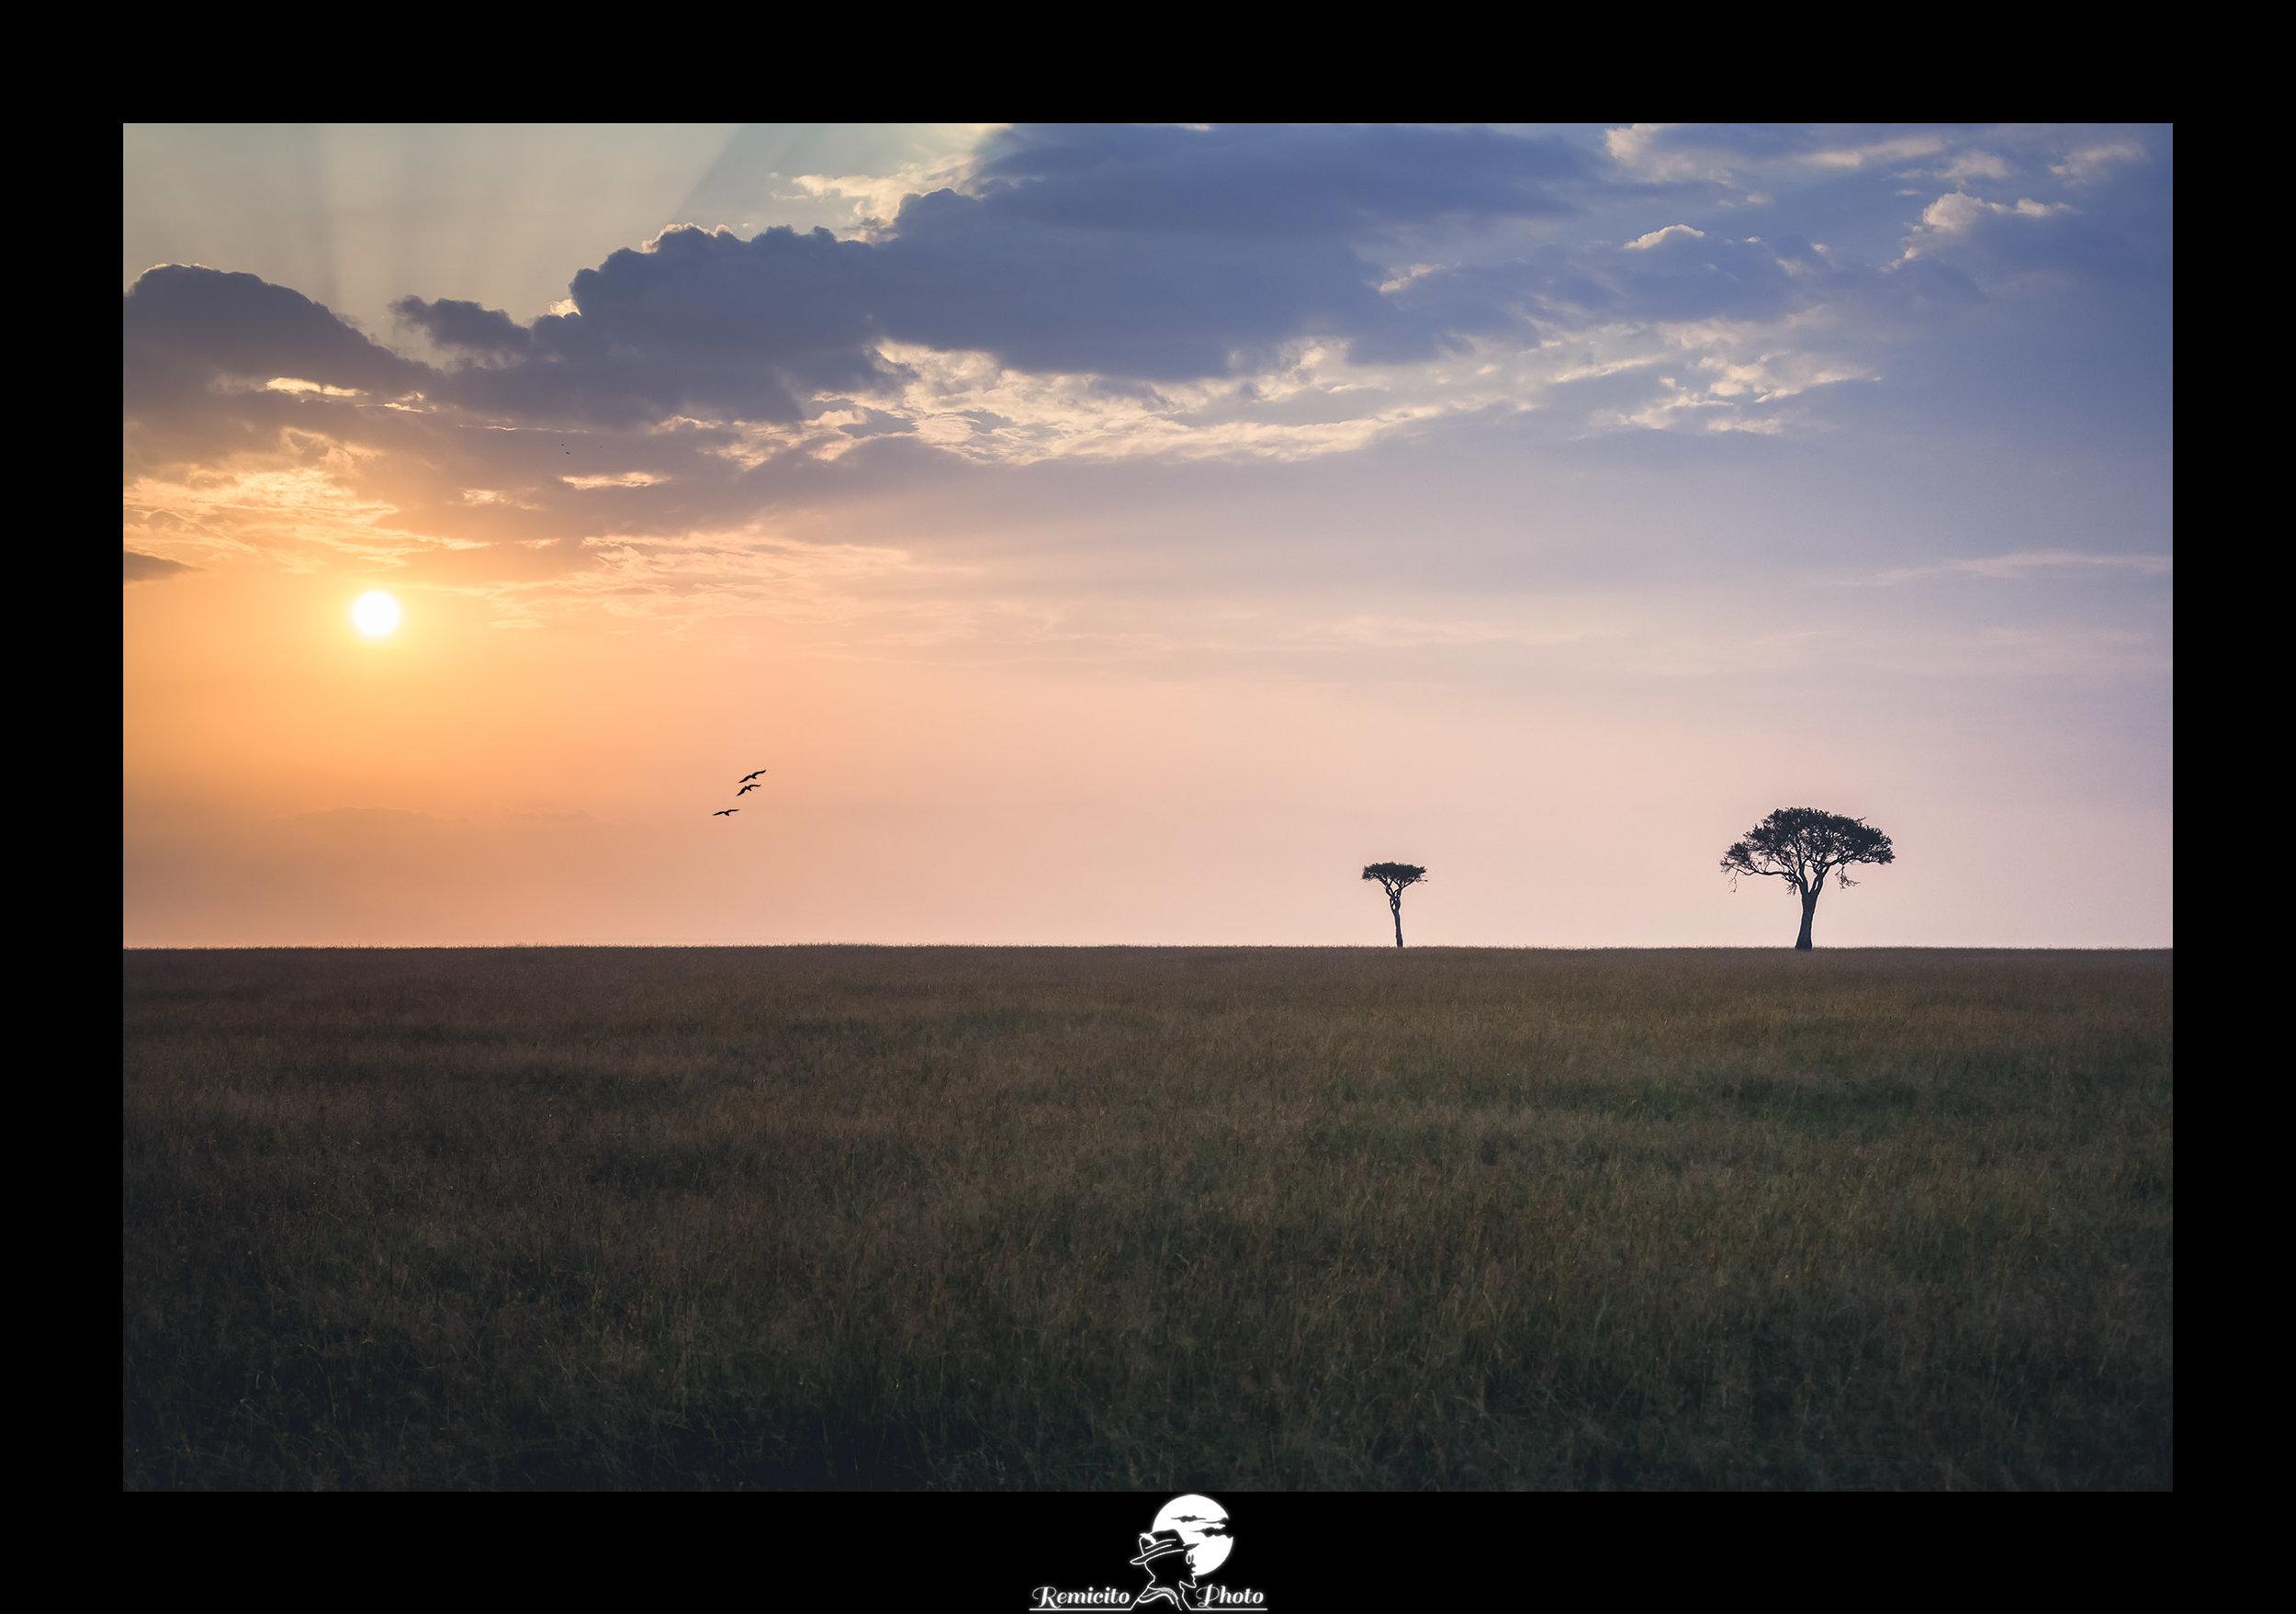 Remicito photo, remicito photo rémi lacombe photogrpahe paris, belle photo idée cadeau coucher de soleil, photo afrique kenya masai mara coucher de soleil